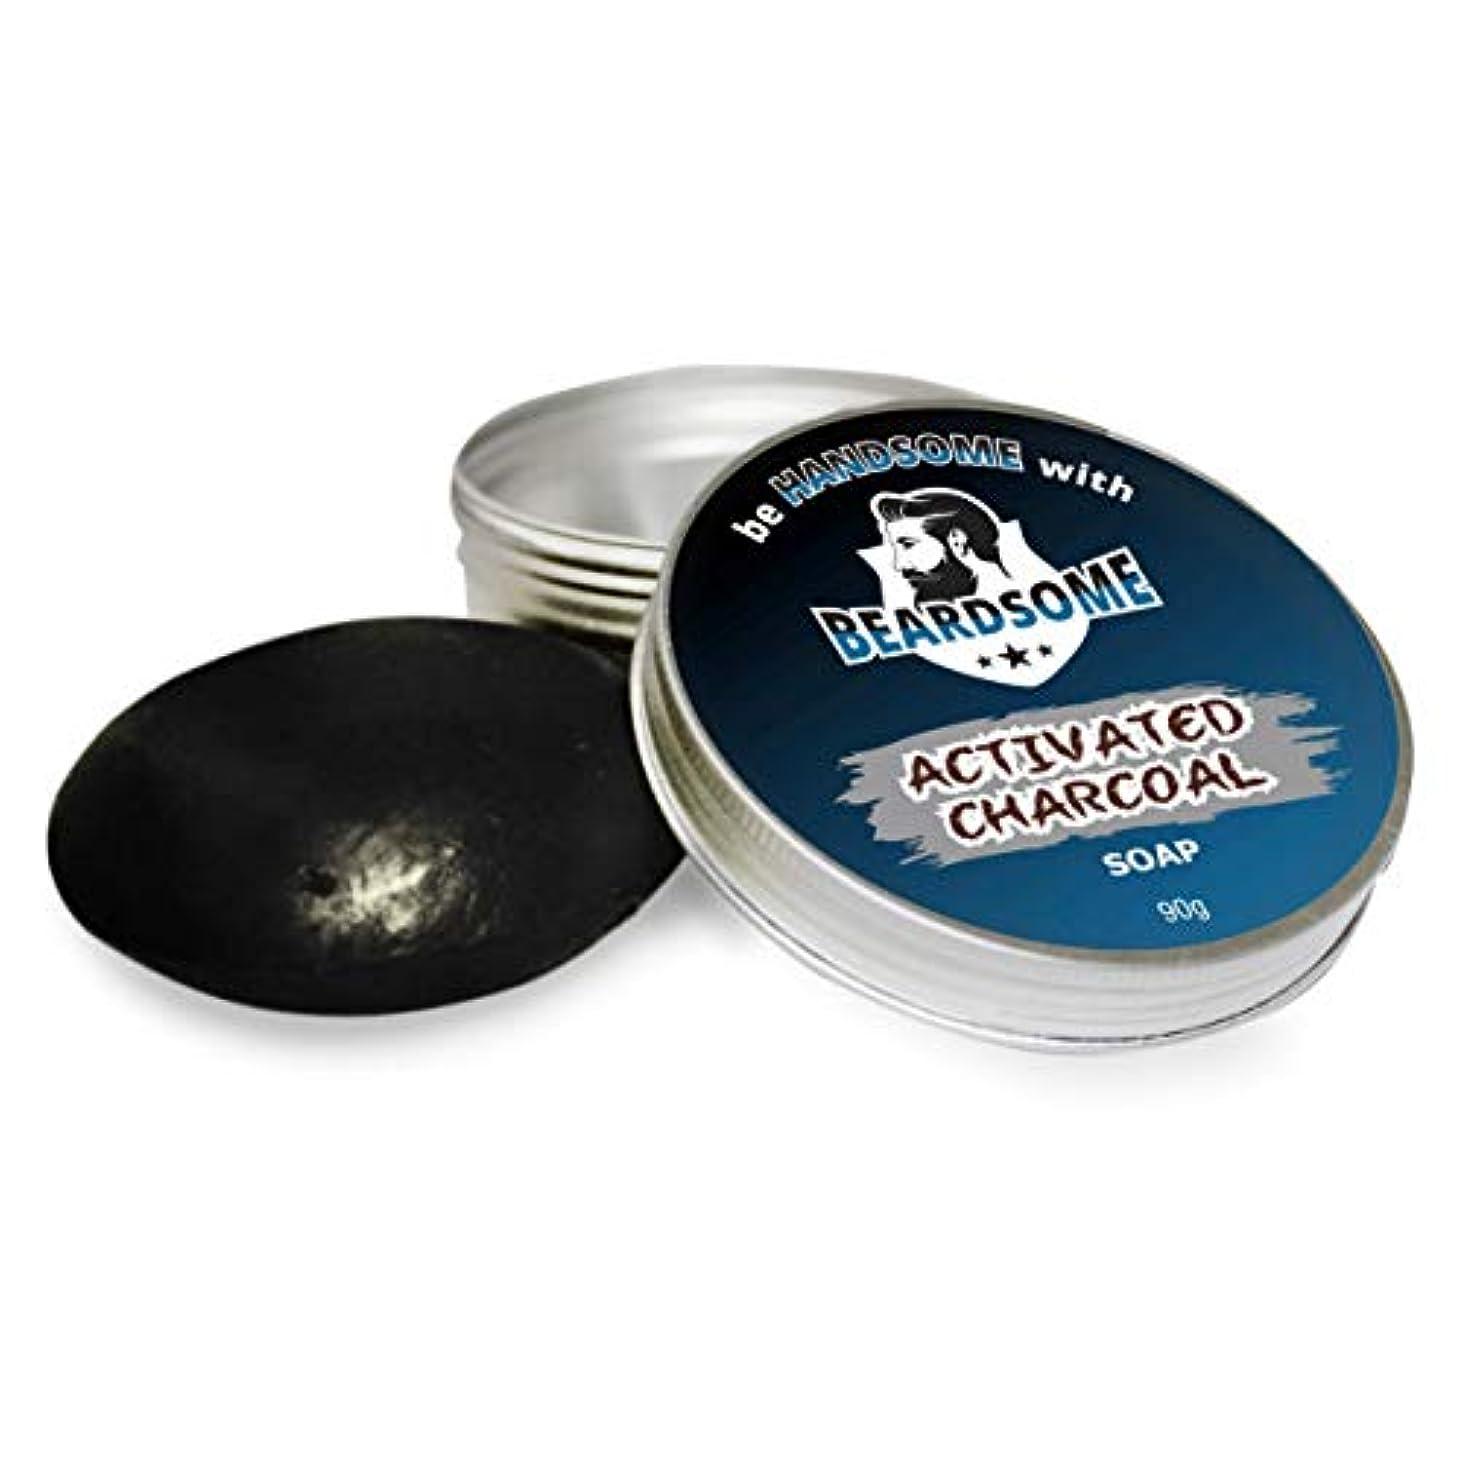 感情変換するであるBEARDSOME Activated Charcoal Soap For Men 90g